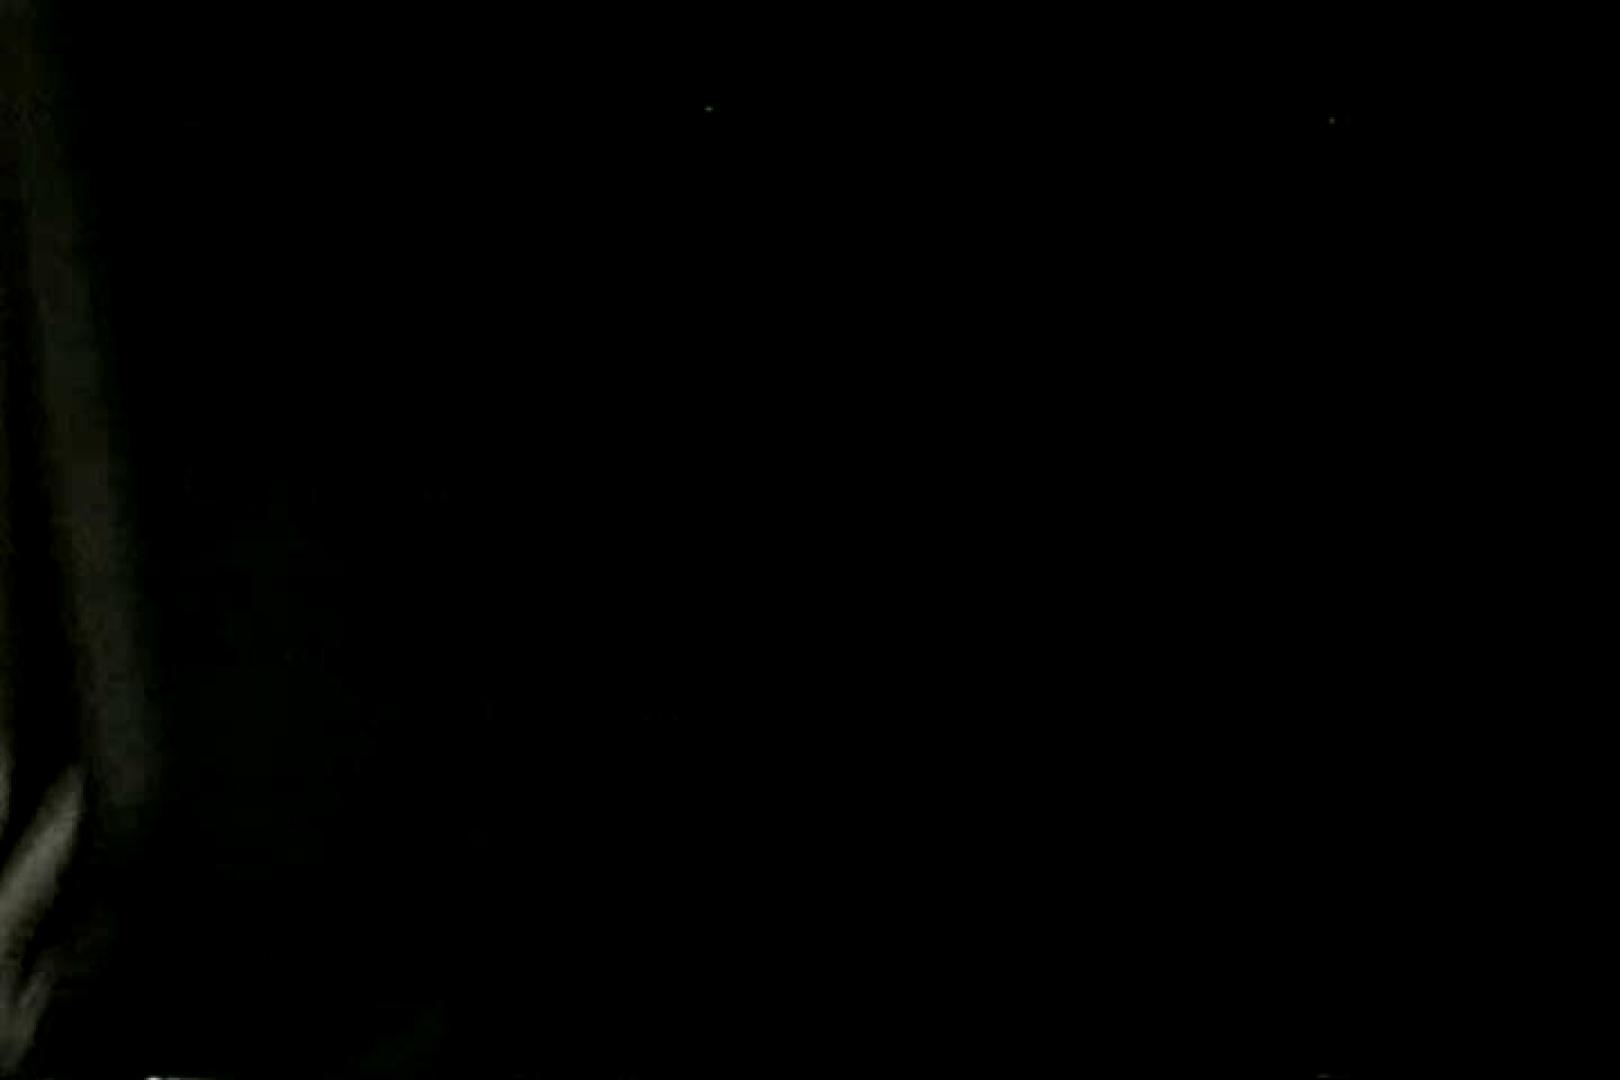 深夜の撮影会Vol.6 OLエロ画像 盗撮おまんこ無修正動画無料 51PICs 17